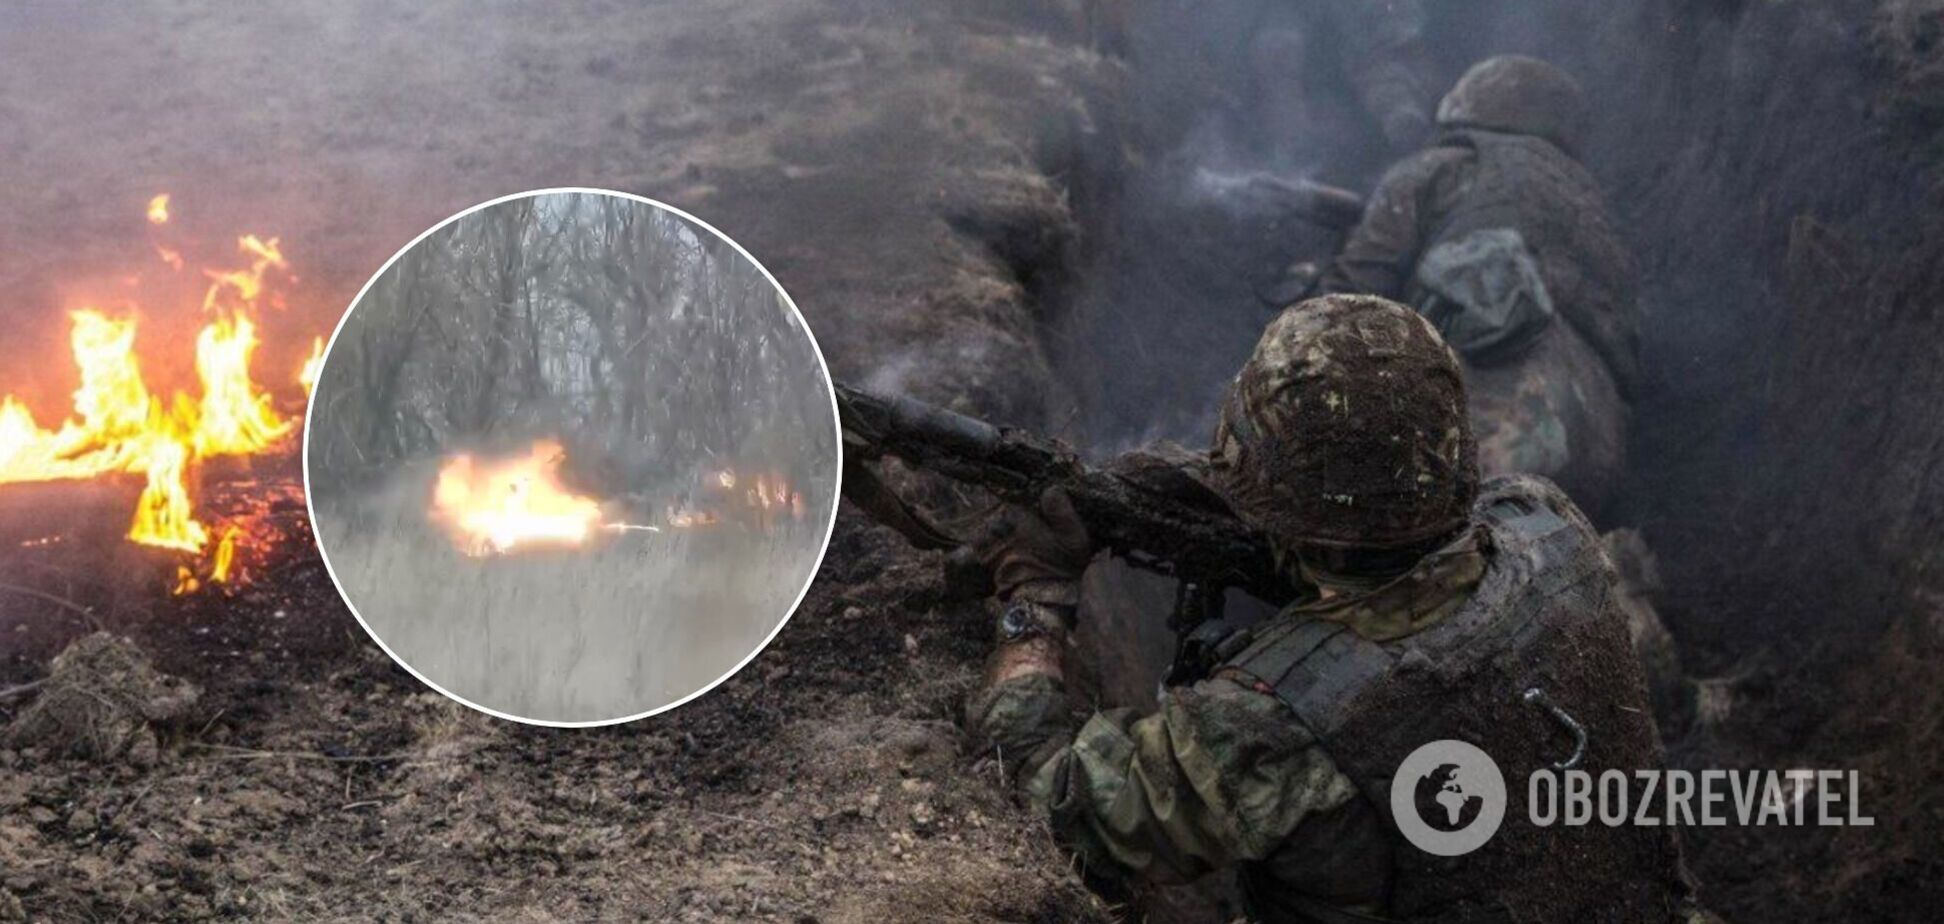 Журналист показал огневую 'ответку' ВСУ по противнику на Донбассе. Видео